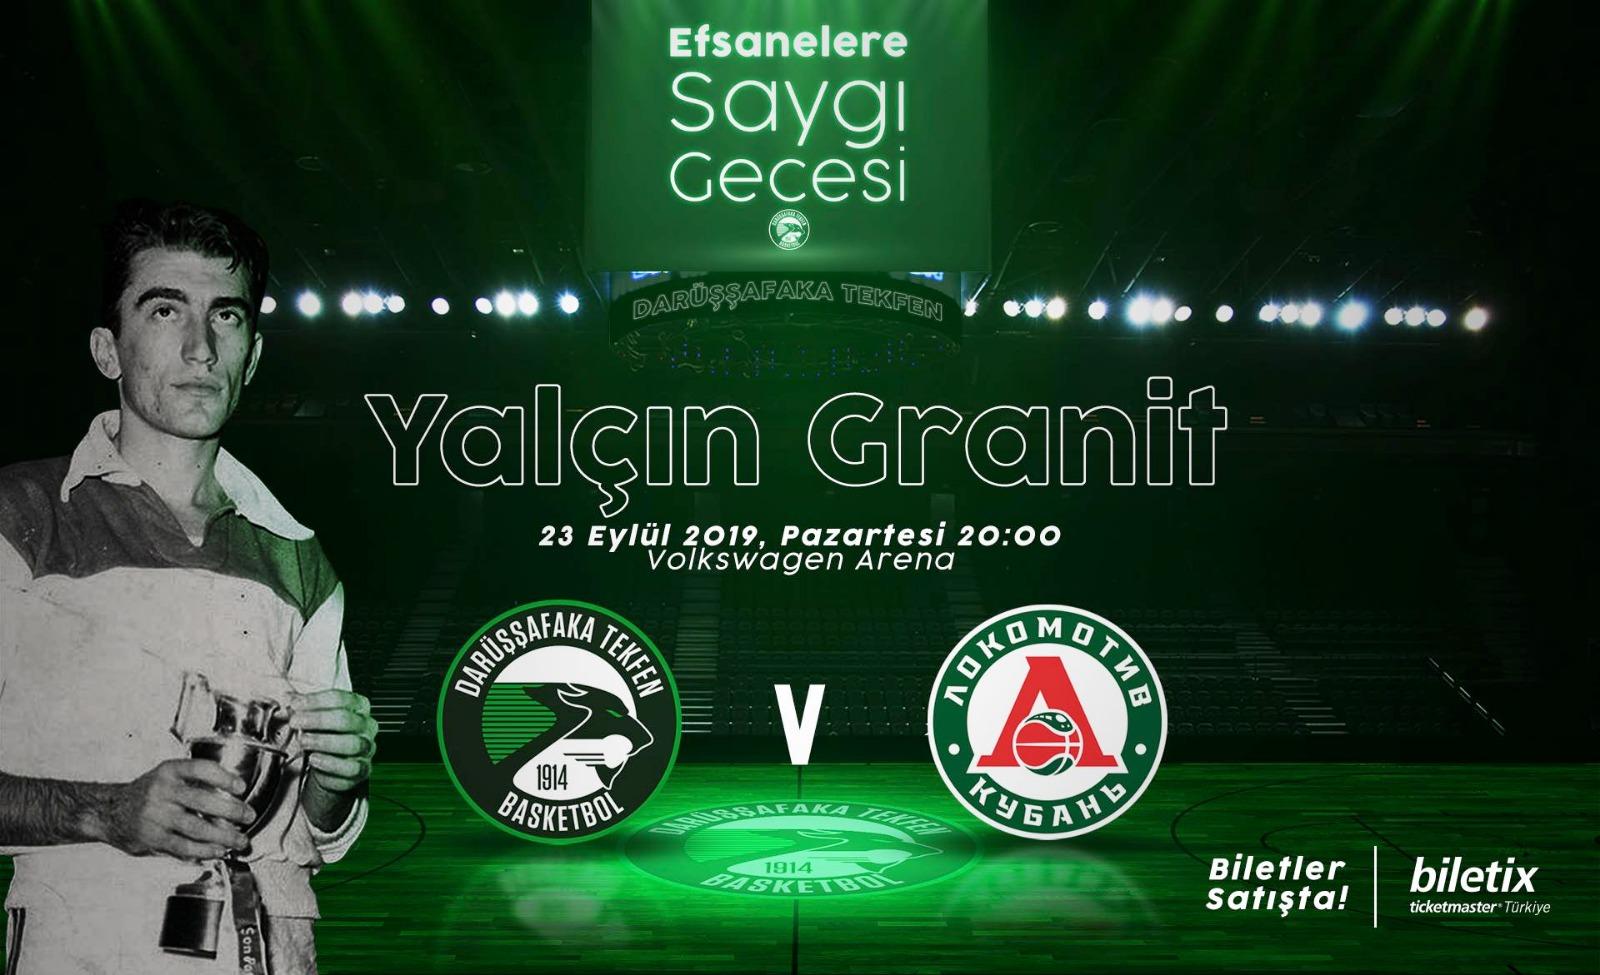 Daçka'dan Efsanelere Saygı; Yalçın Granit Gecesi ve hazırlık maçı